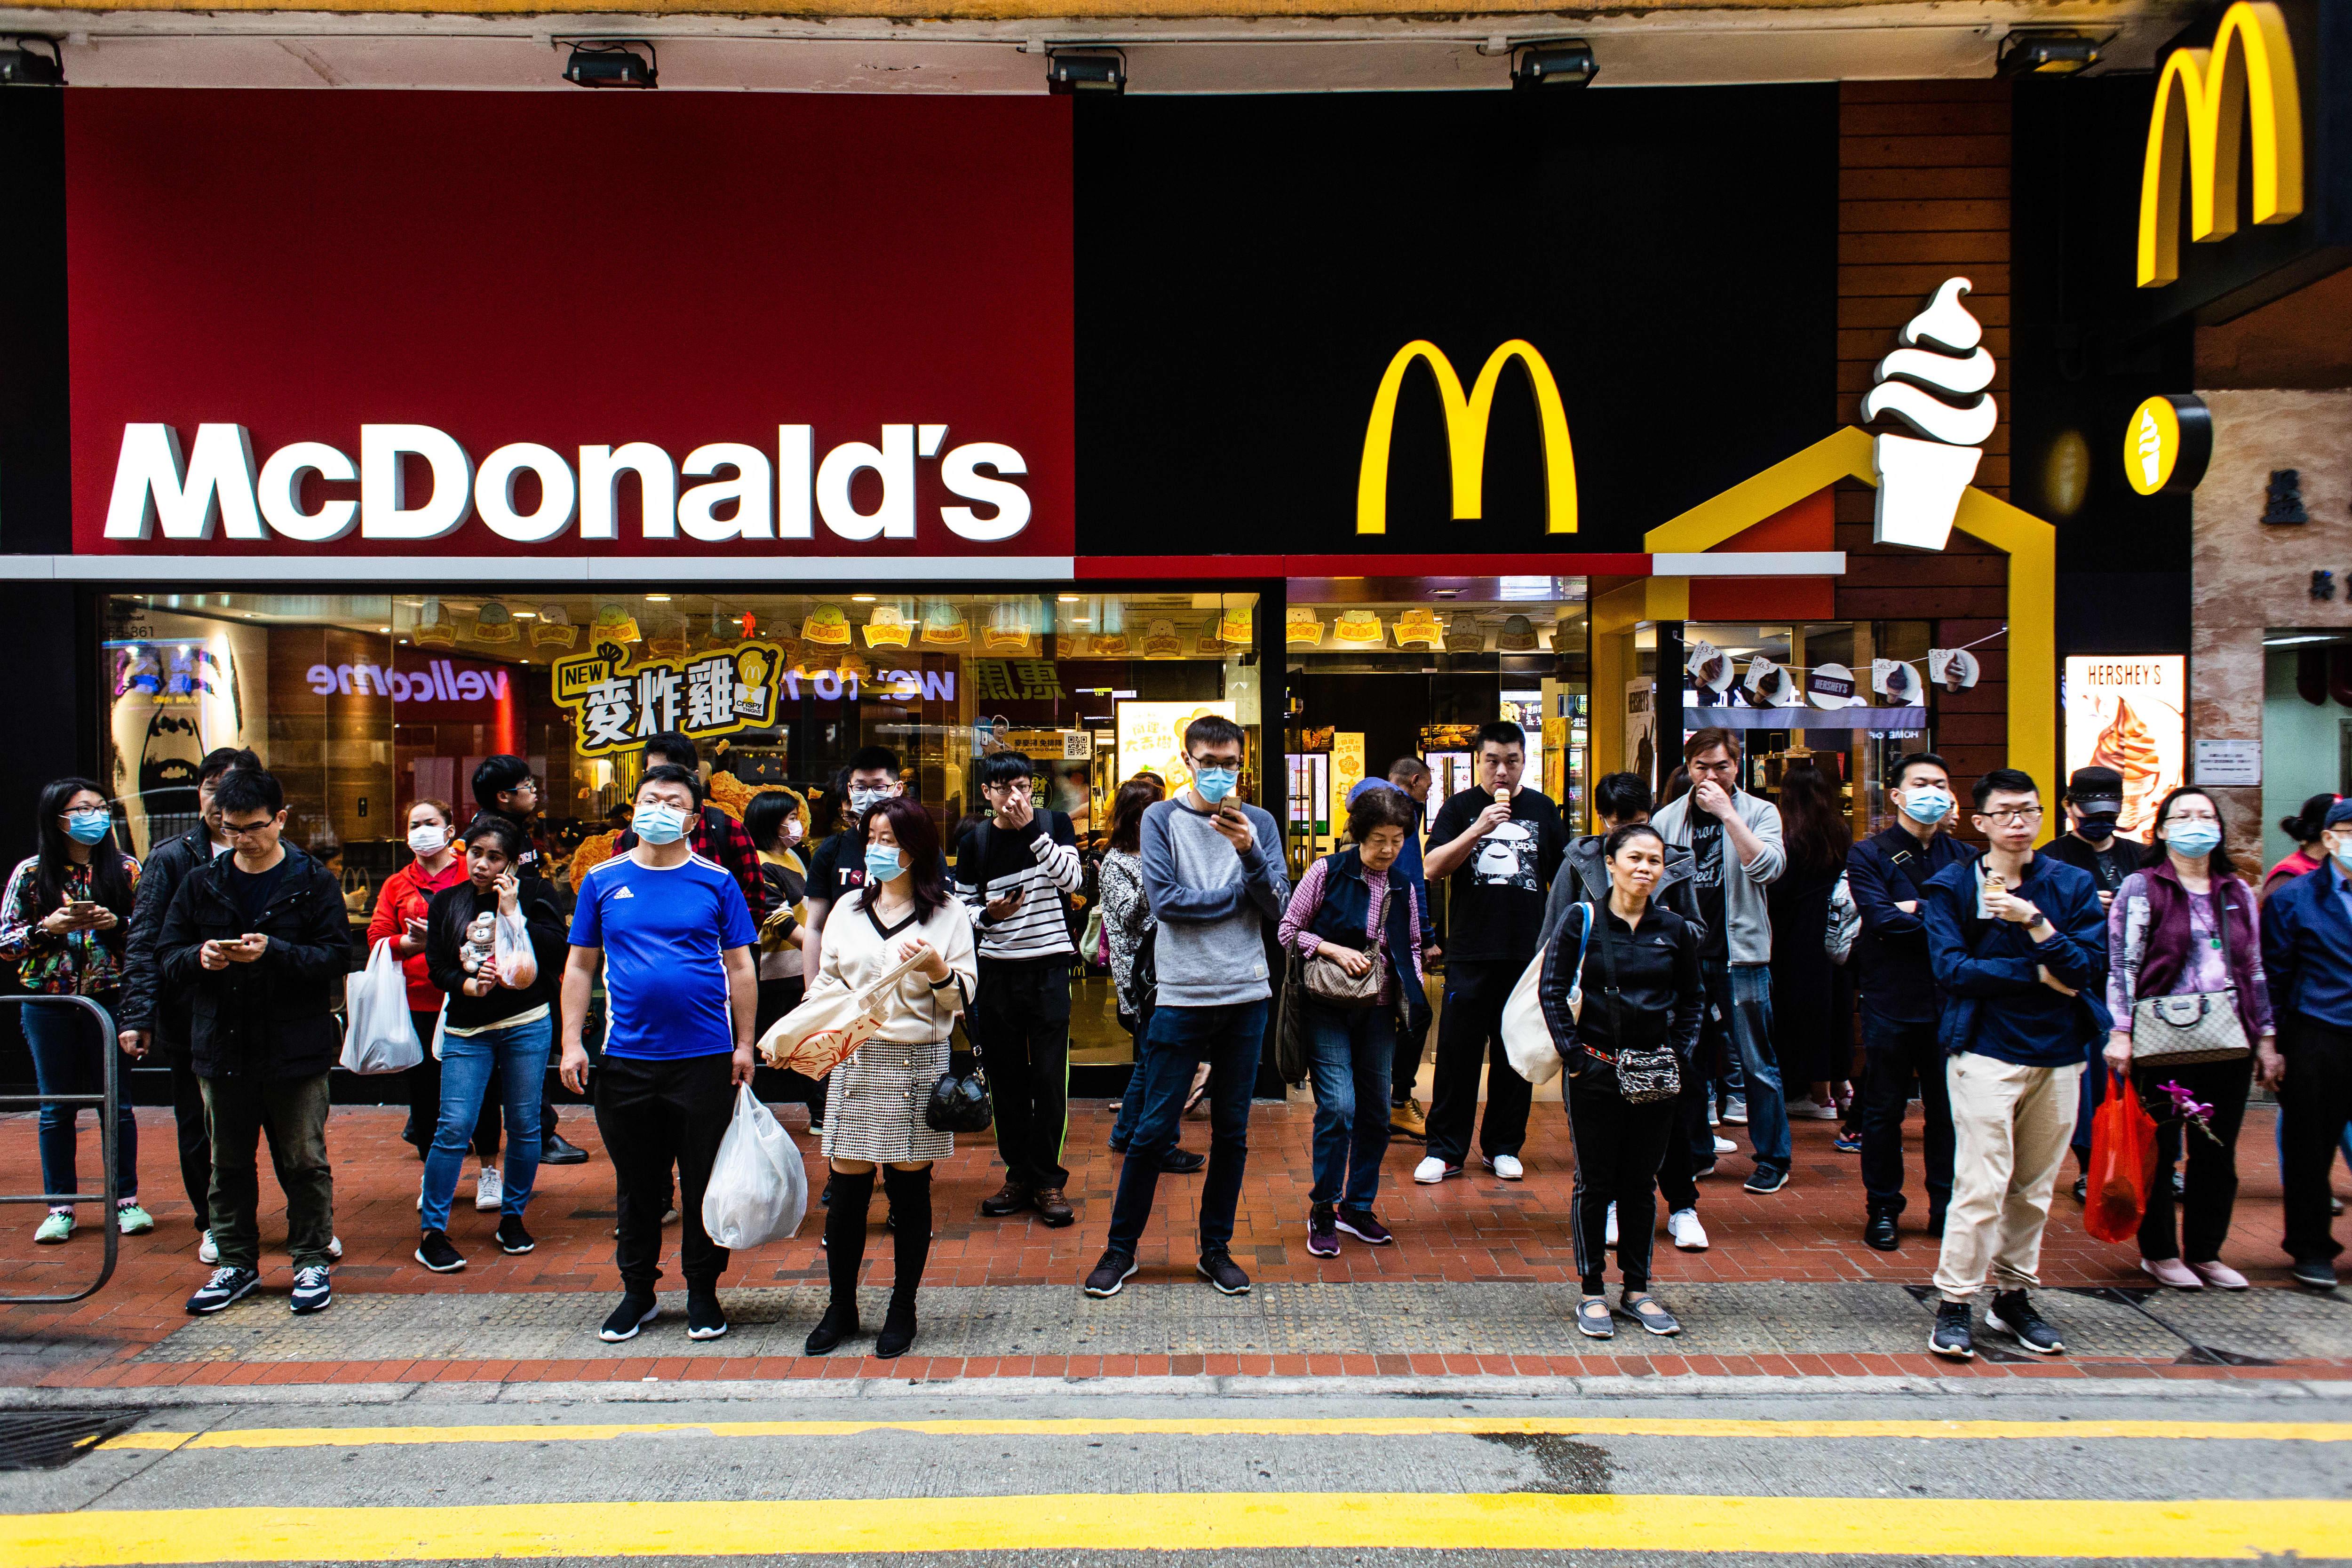 Coronavirus shutters restaurants in China, sending shares of Luckin, Starbucks lower